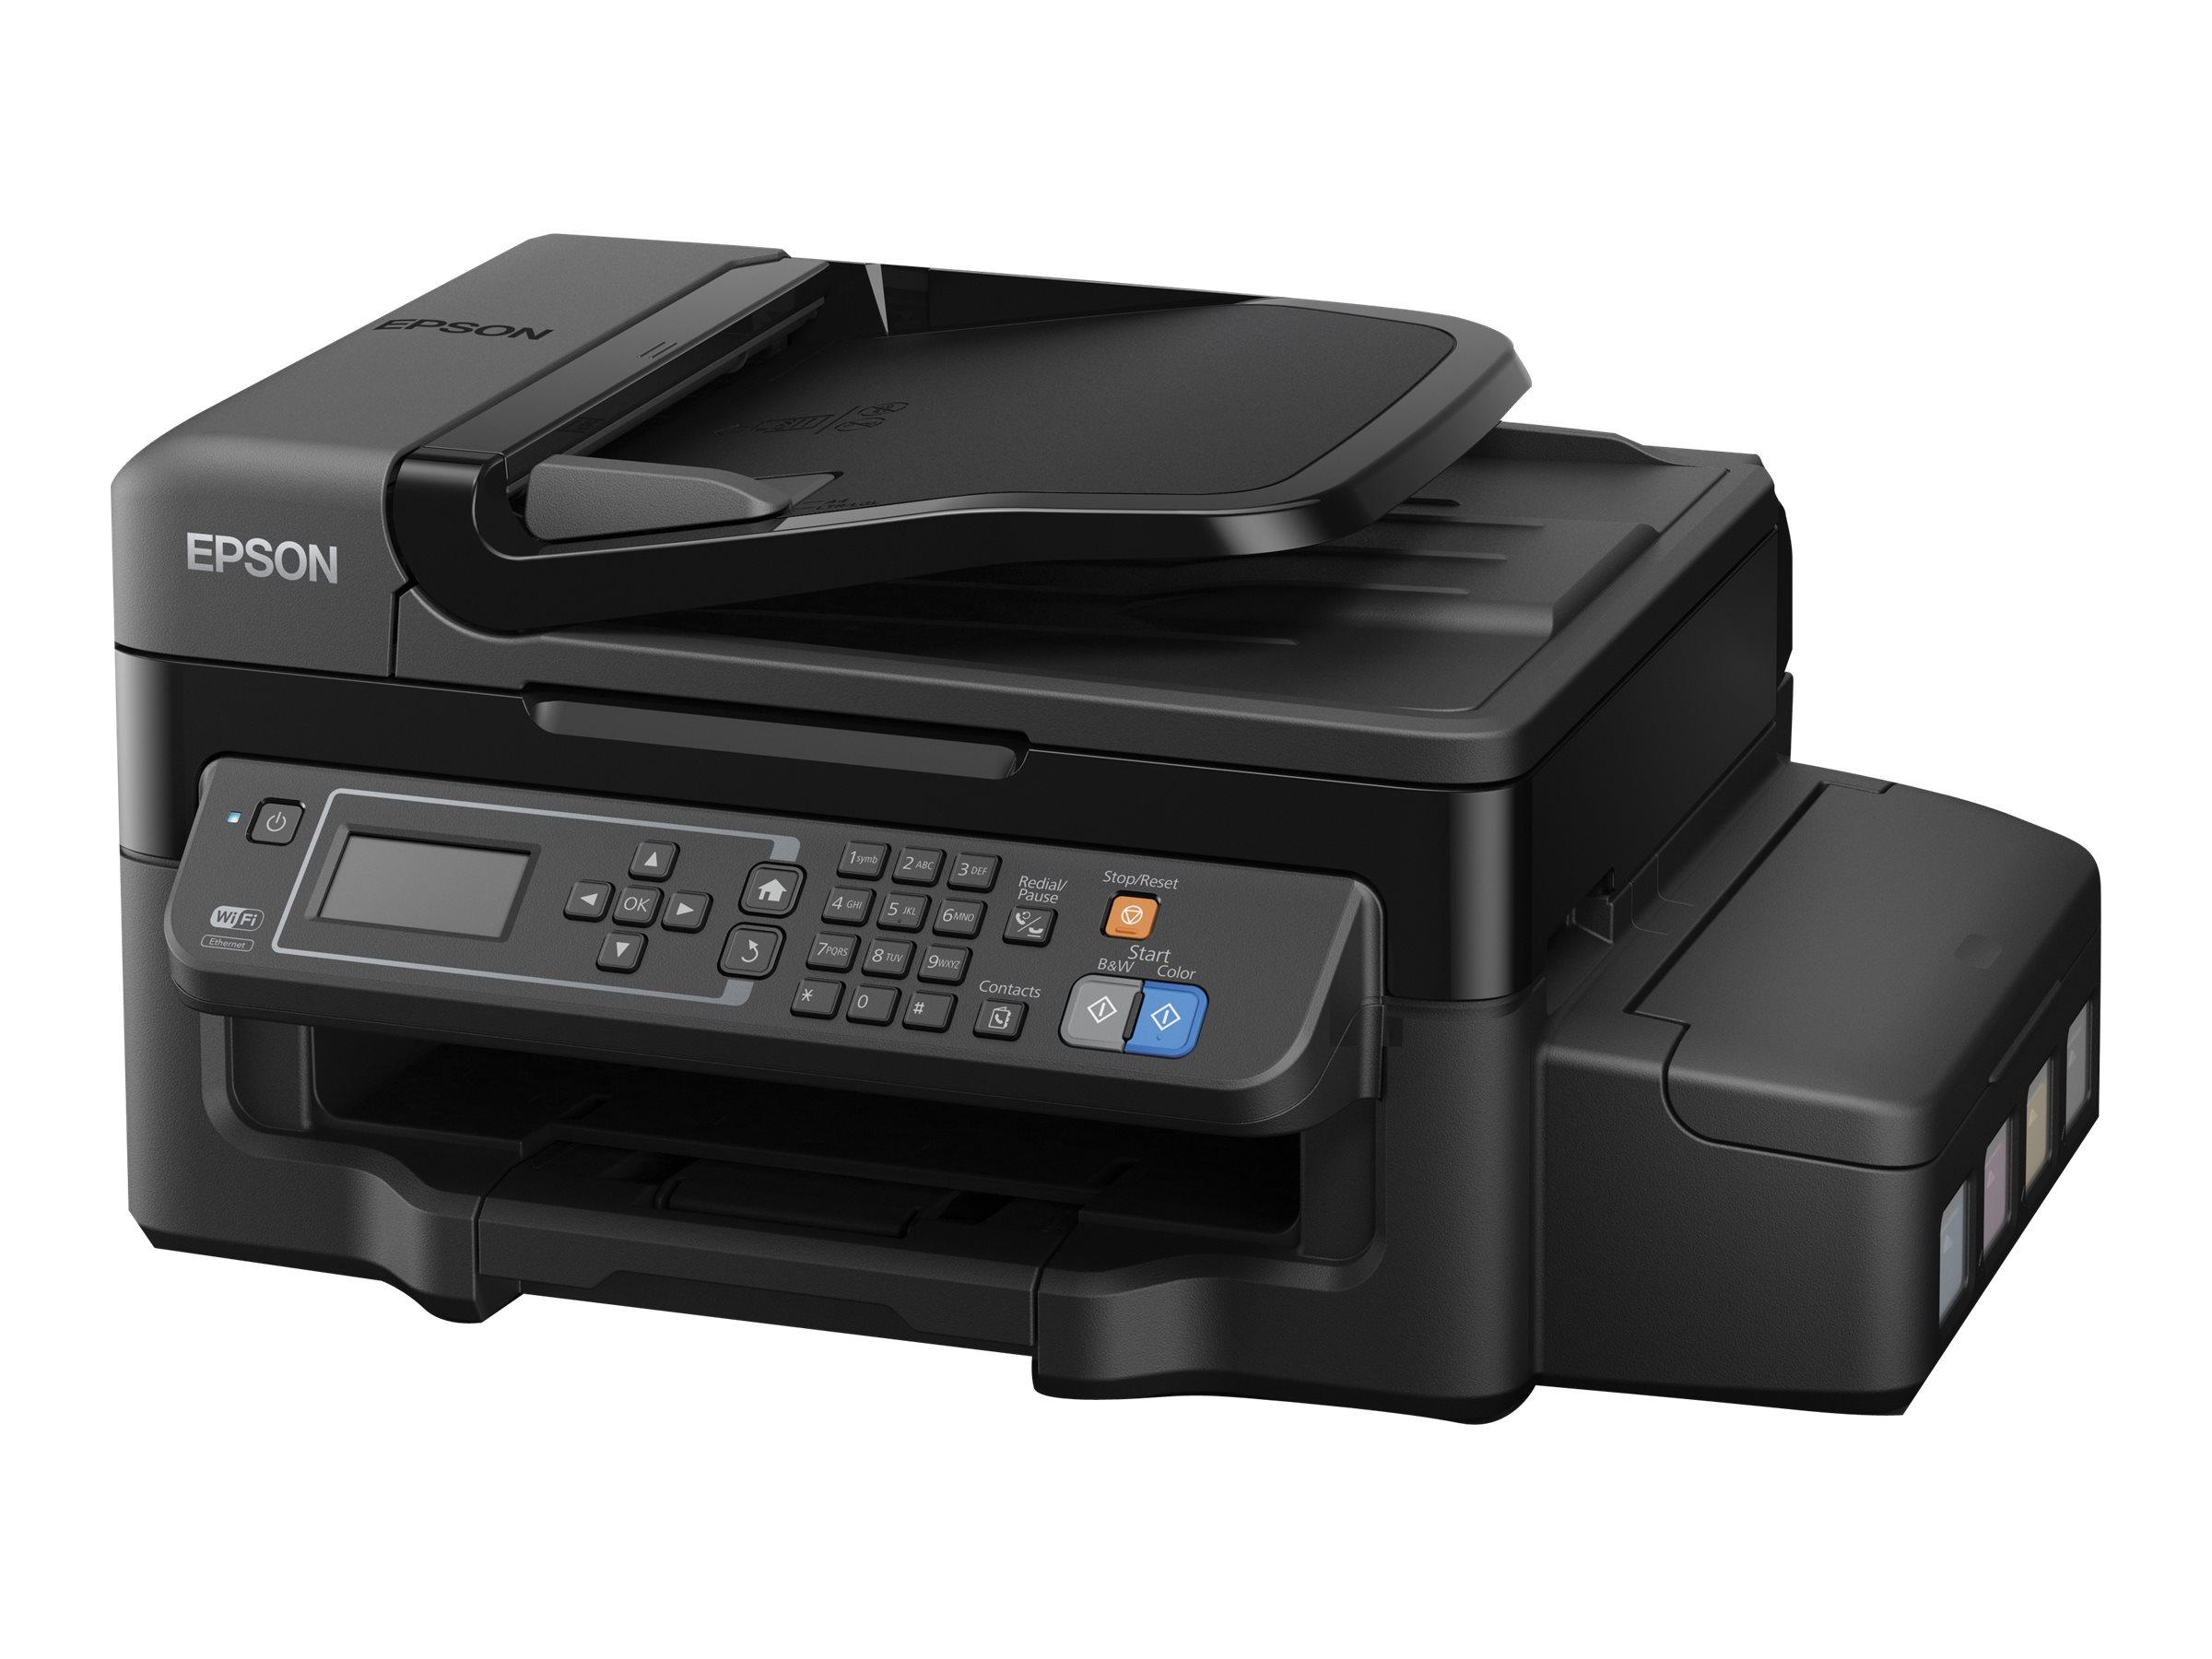 Epson EcoTank ET-4500 - Multifunktionsdrucker - Farbe - Tintenstrahl - A4/Legal (Medien) - bis zu 33 Seiten/Min. (Drucken)